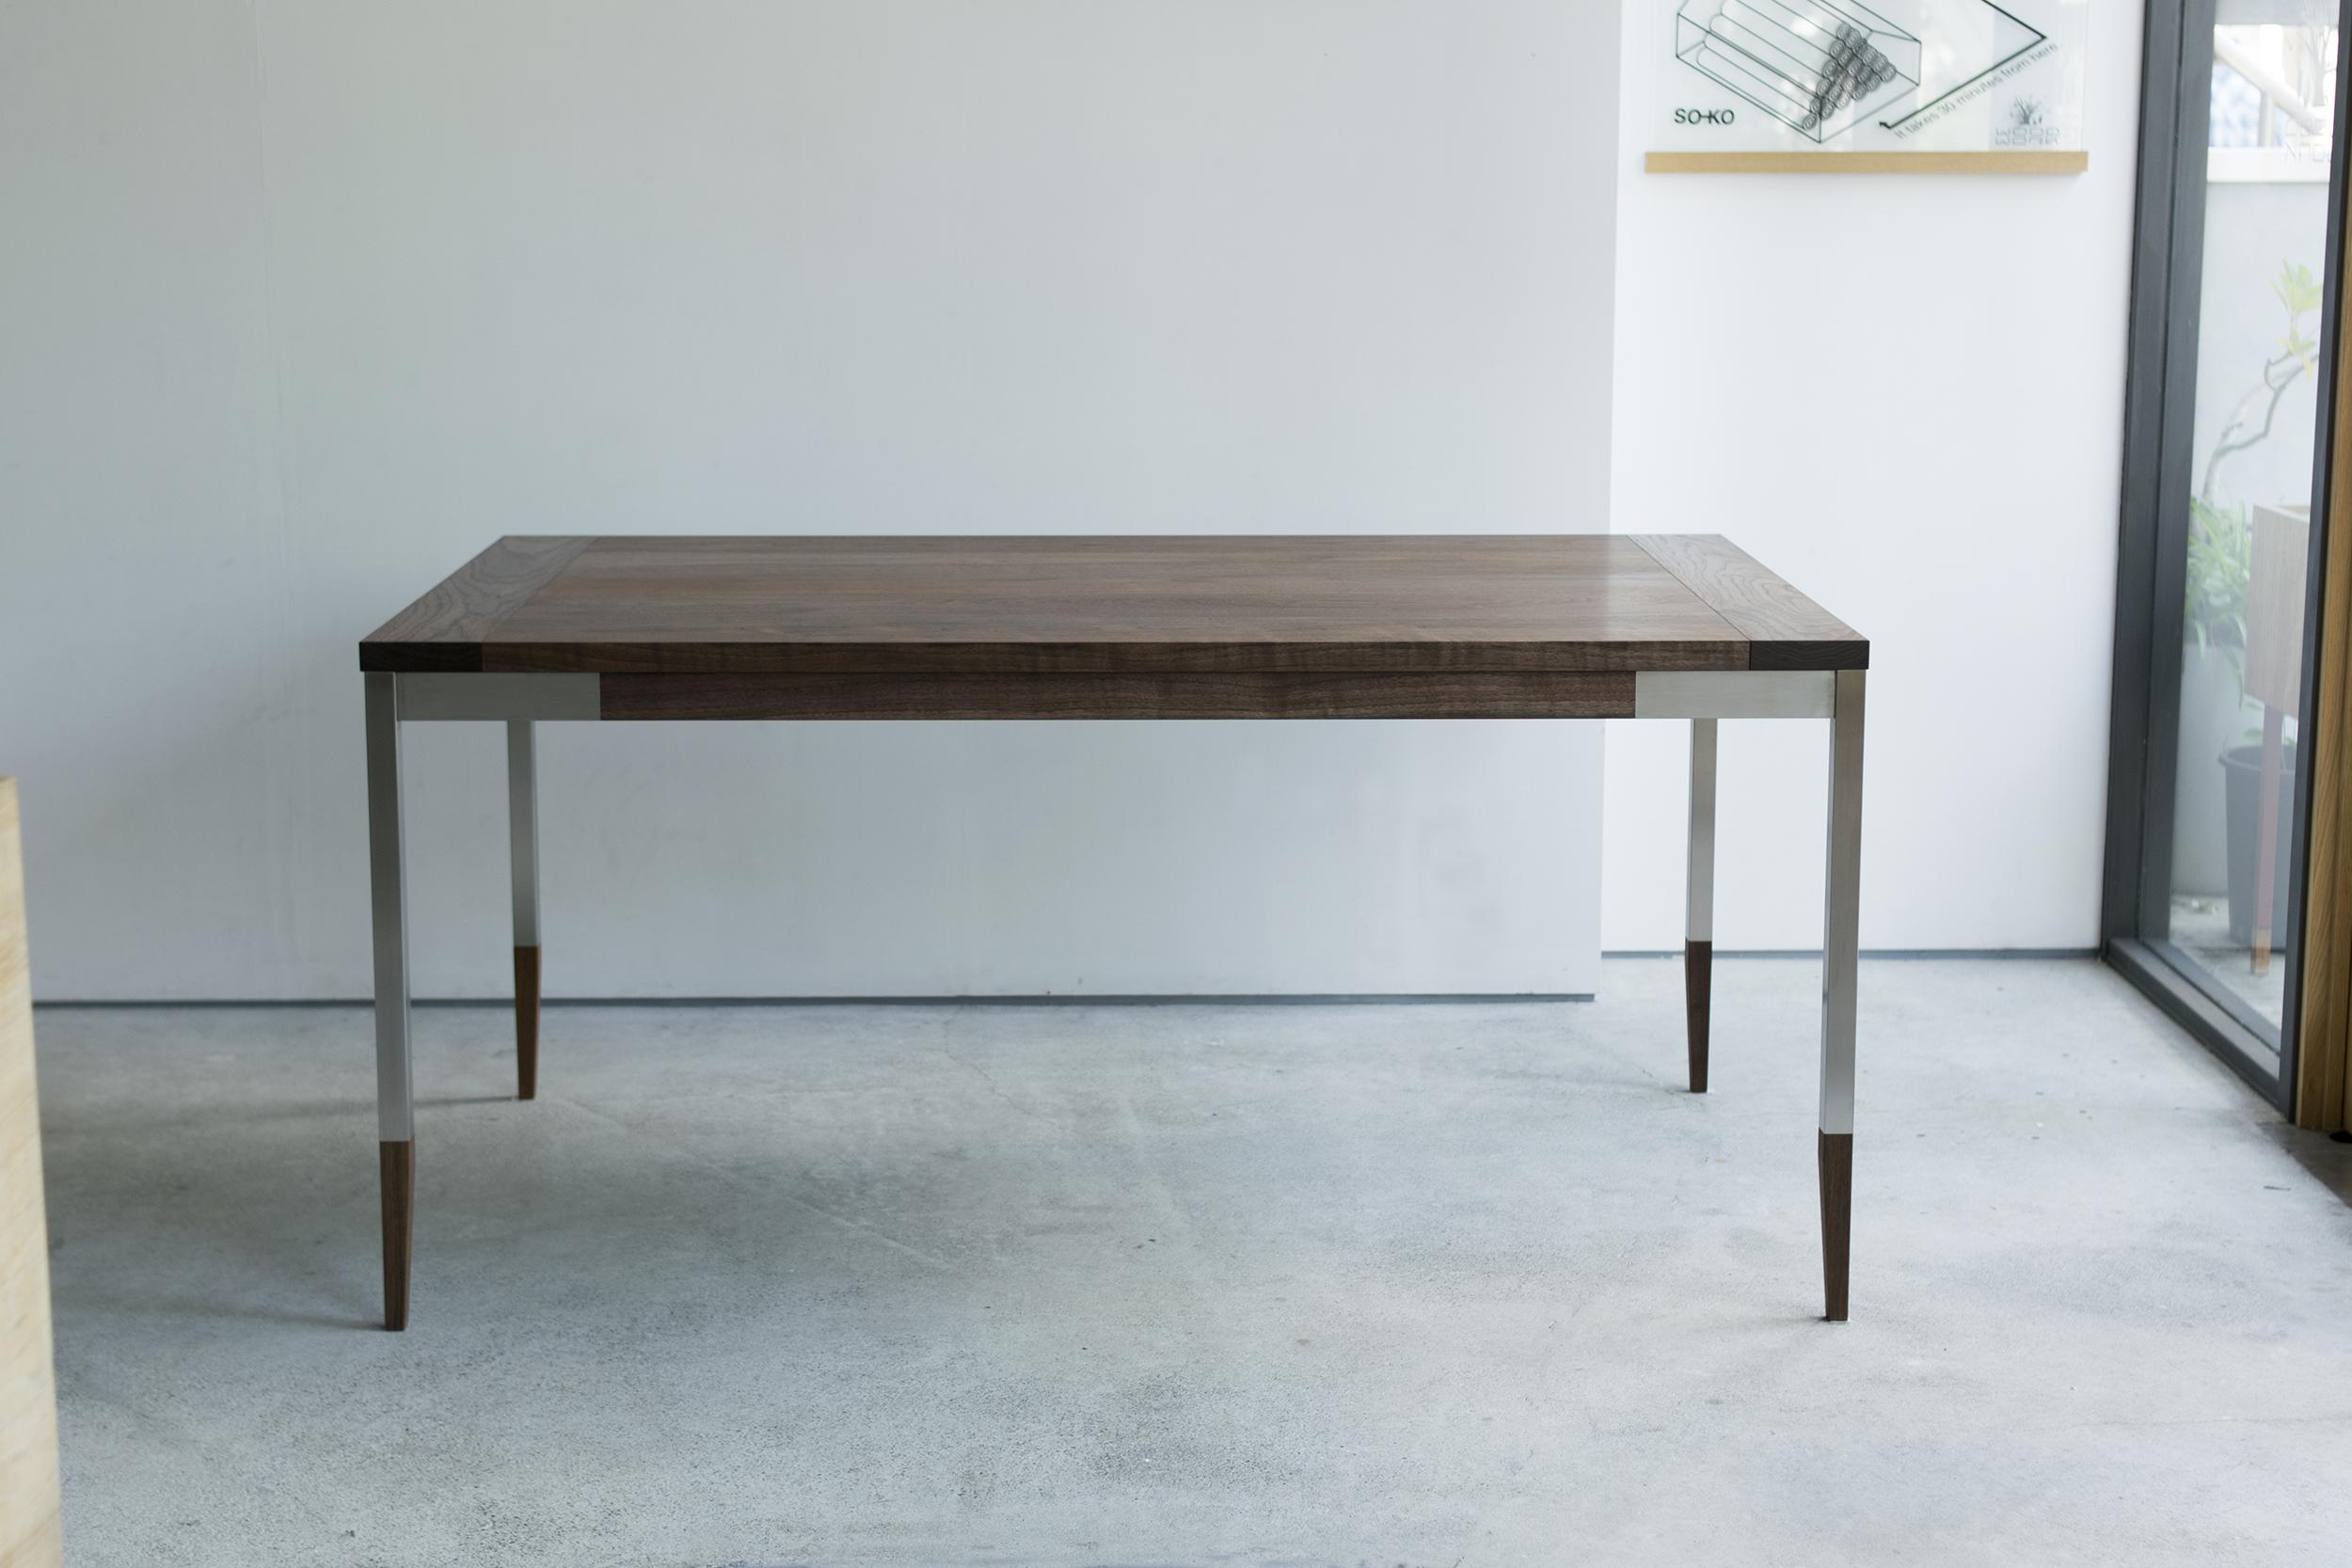 ご納品用オルタナティブテーブル(ウォールナット天板+ステンレス脚部)